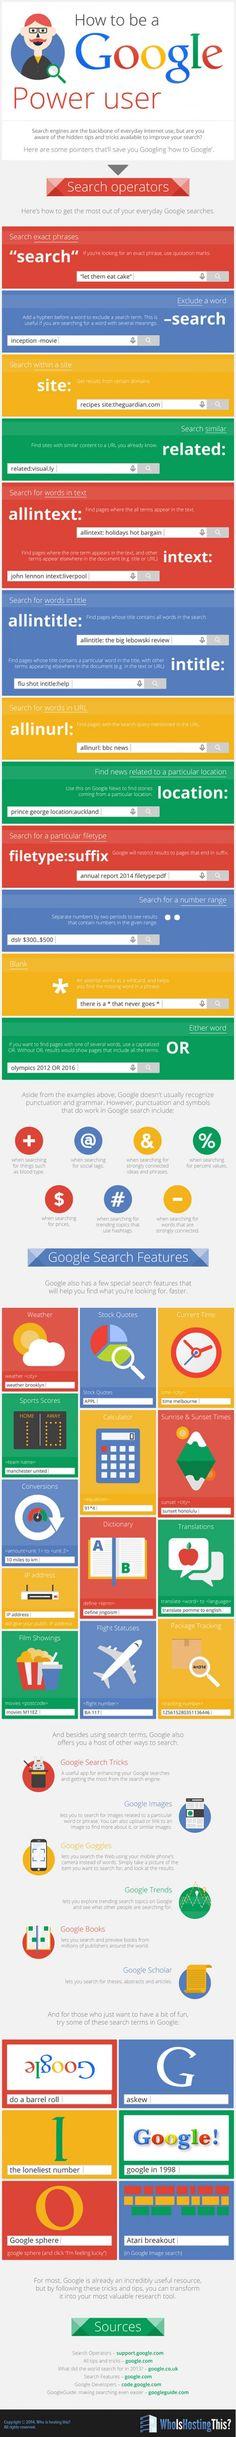 Tips & trucs voor effectiever zoeken in Google [infographic]